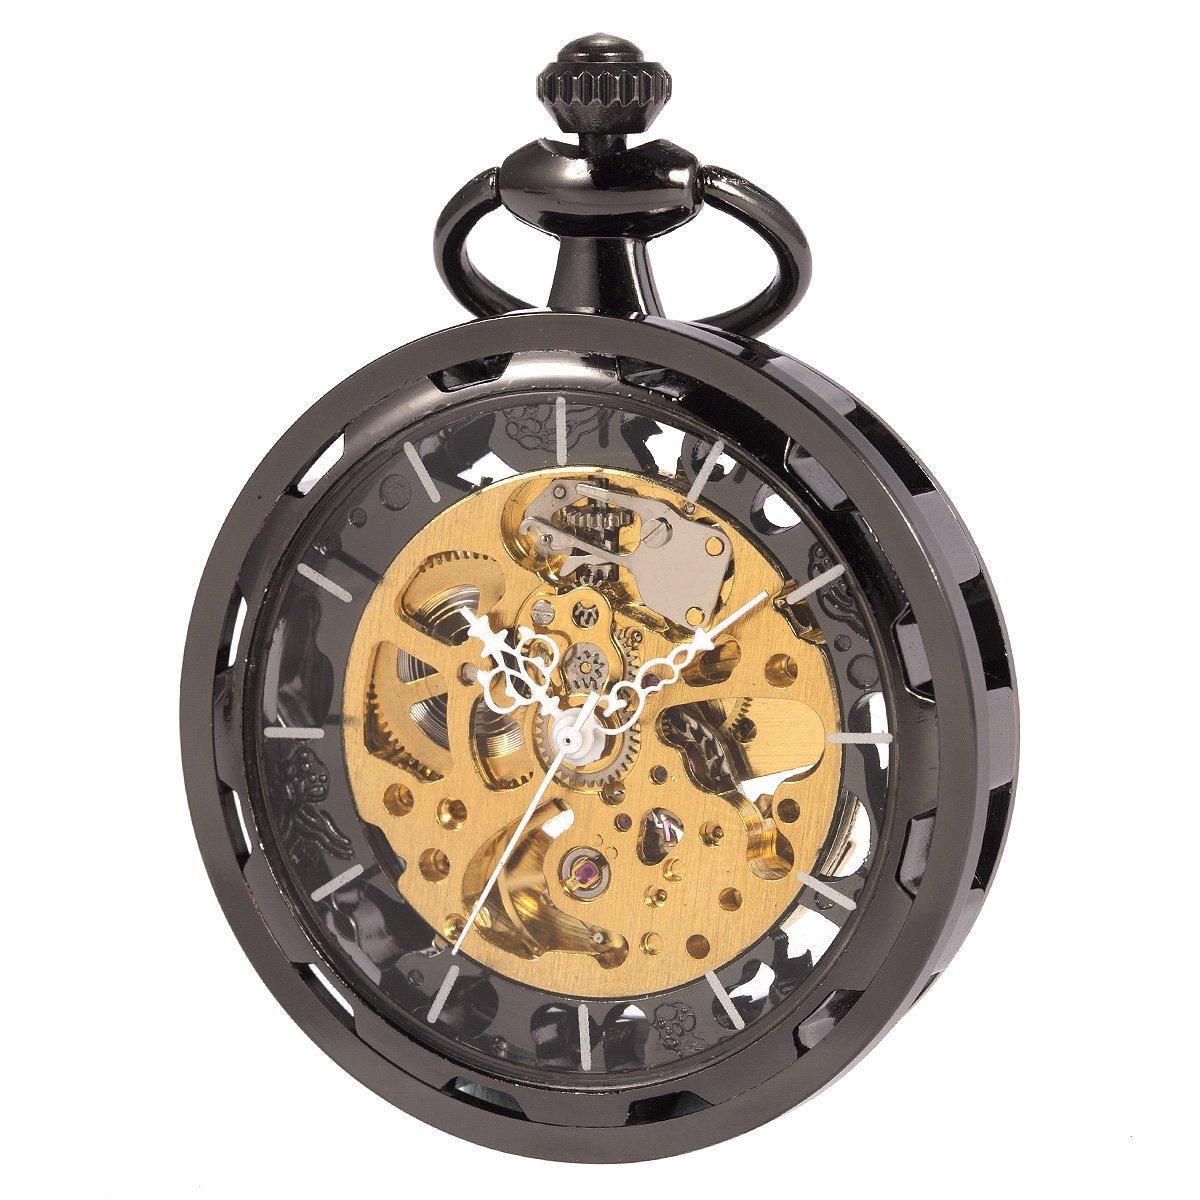 E Abierta Cara De Reloj Antiguo Mecánico Sibosun Bolsillo WrodCBxe